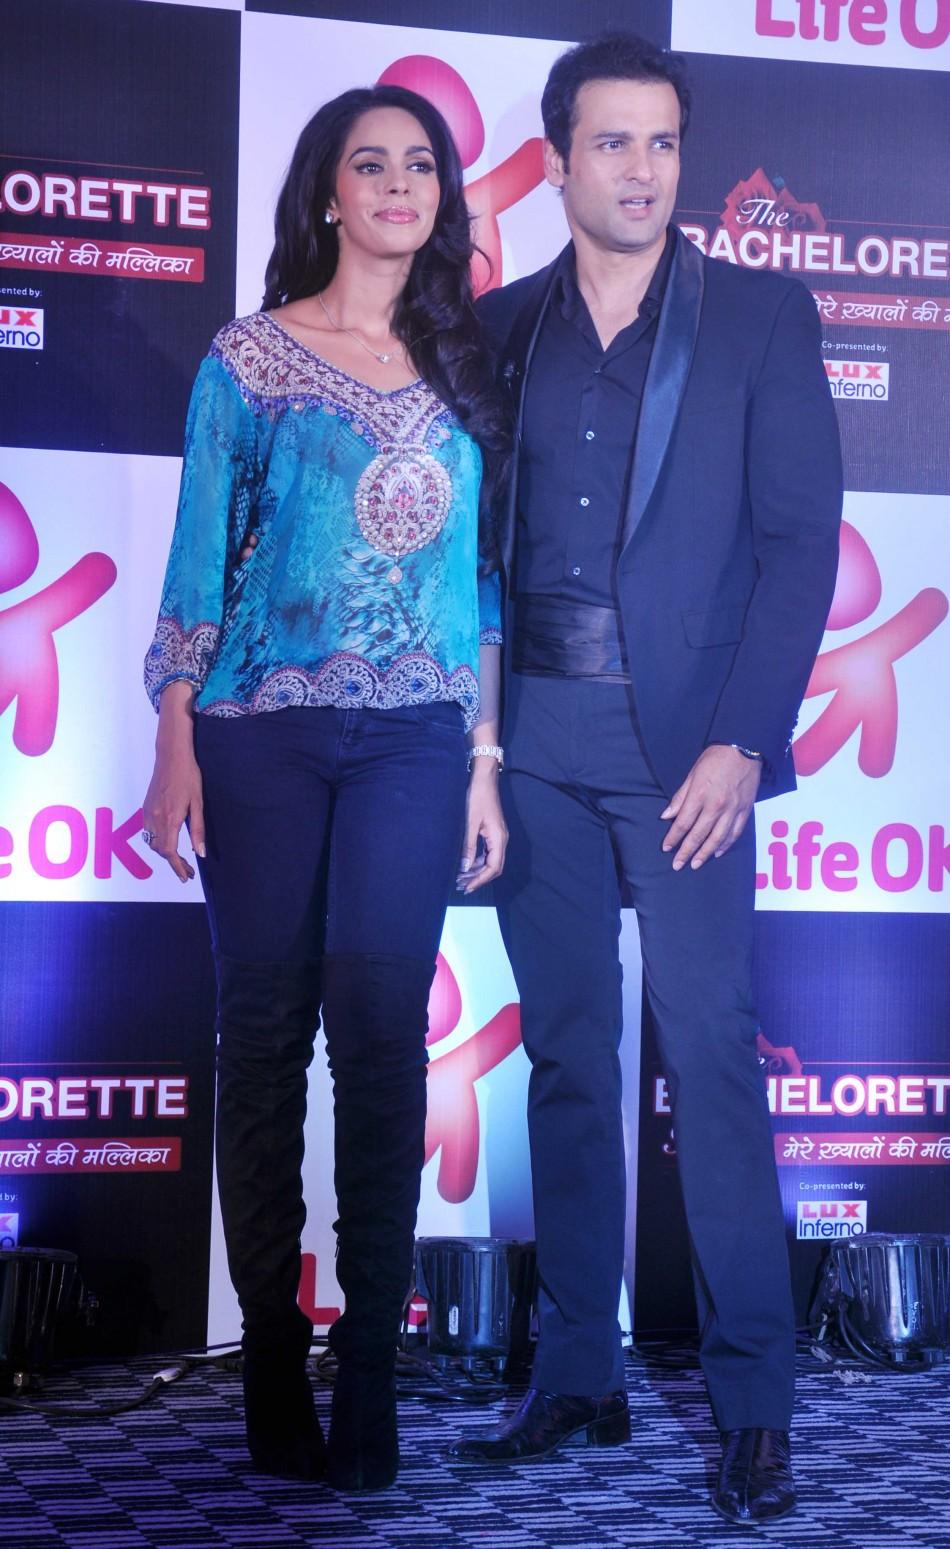 Mallika Sherawat , Rohit Roy